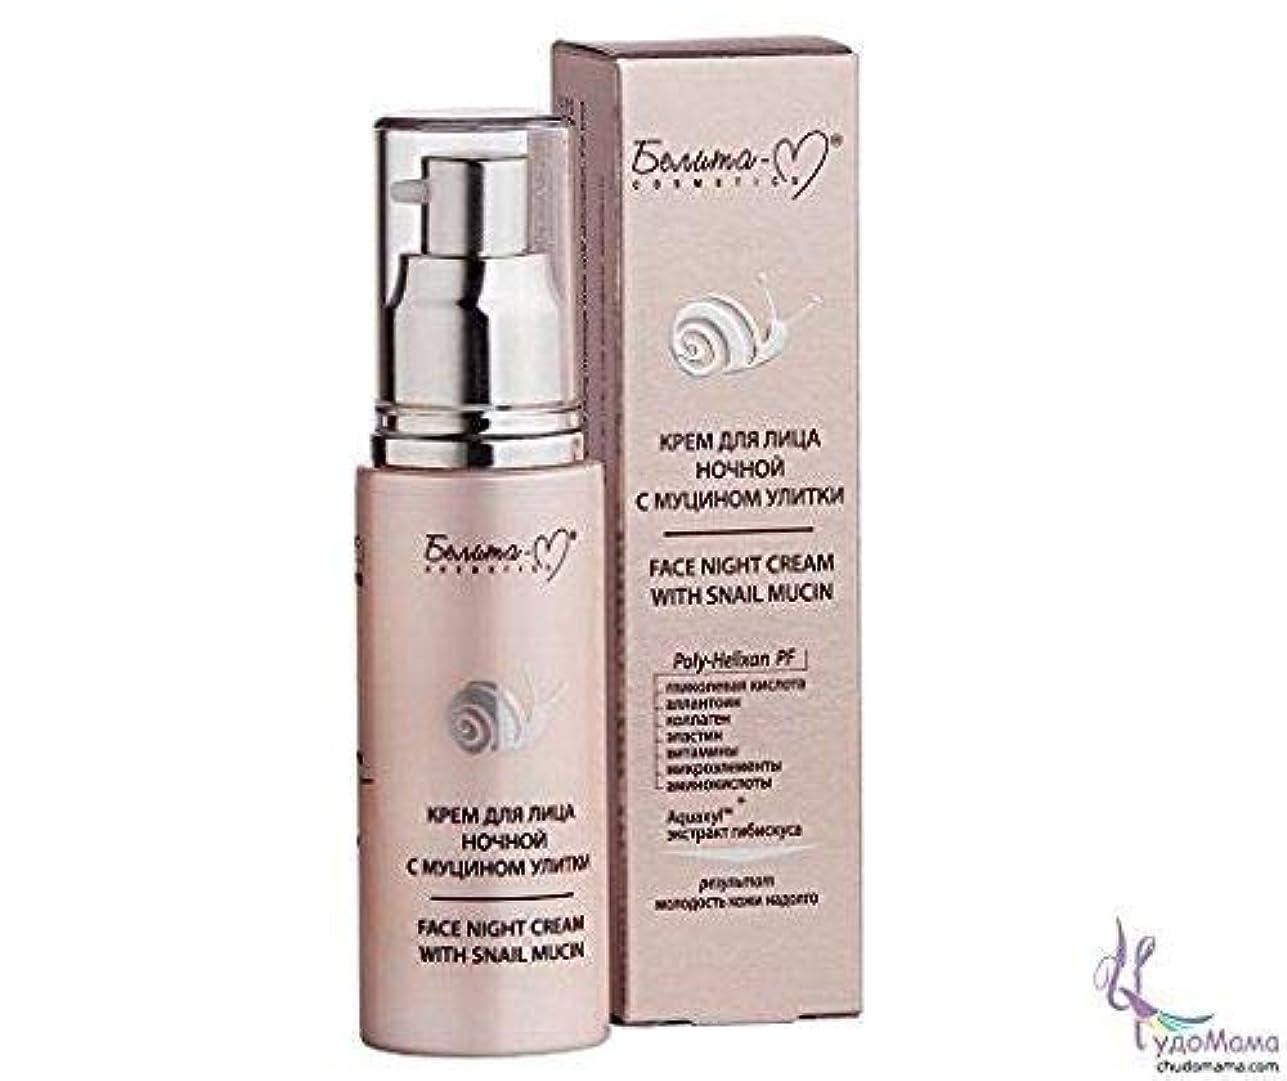 理由治療頼るNight Moisturizer for Face with Snail Extract, Hyaluronic Acid, and Peptides, Cream- Moisturizer for Dry Skin,...